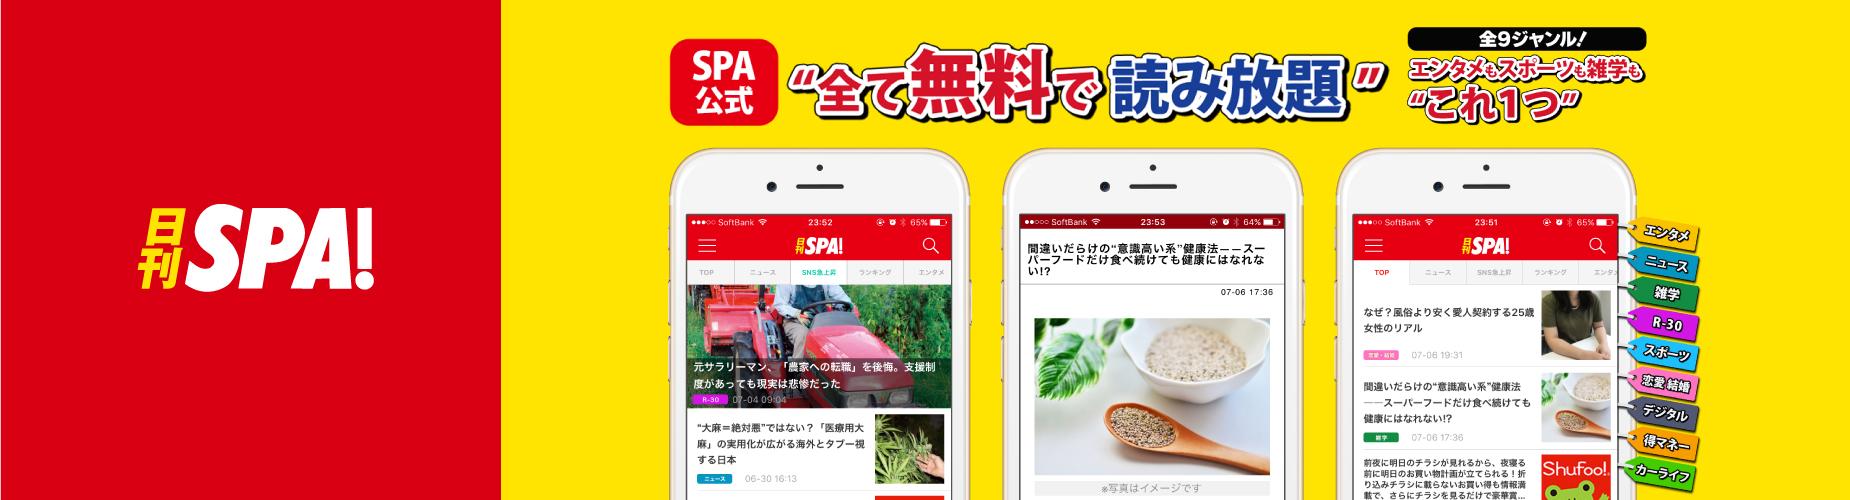 app_spa